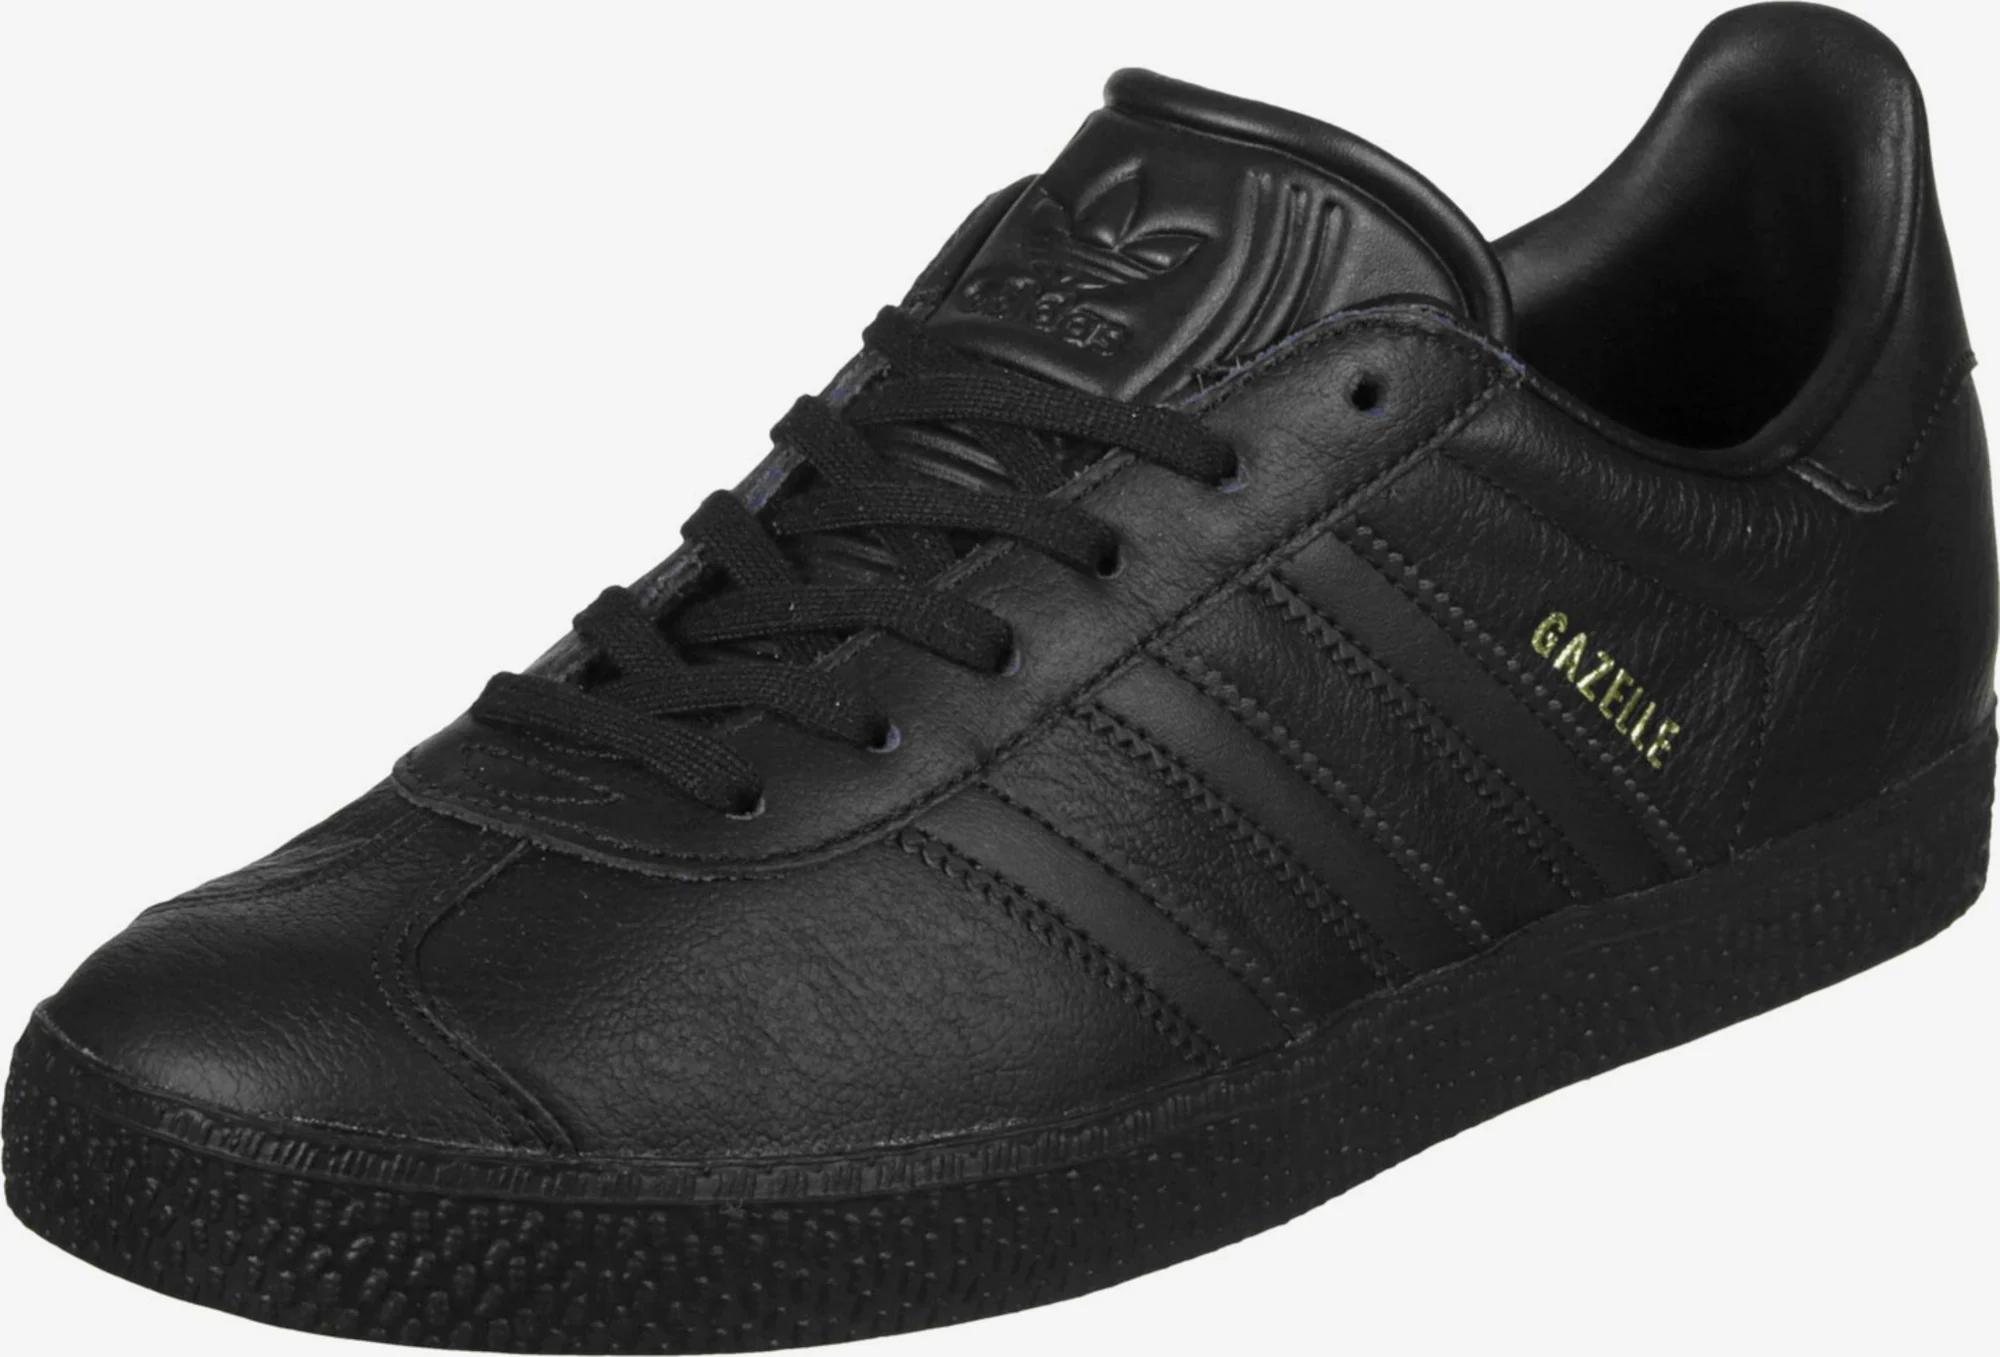 Baskets Enfant Adidas Gazelle cuir - 35-38 2/3